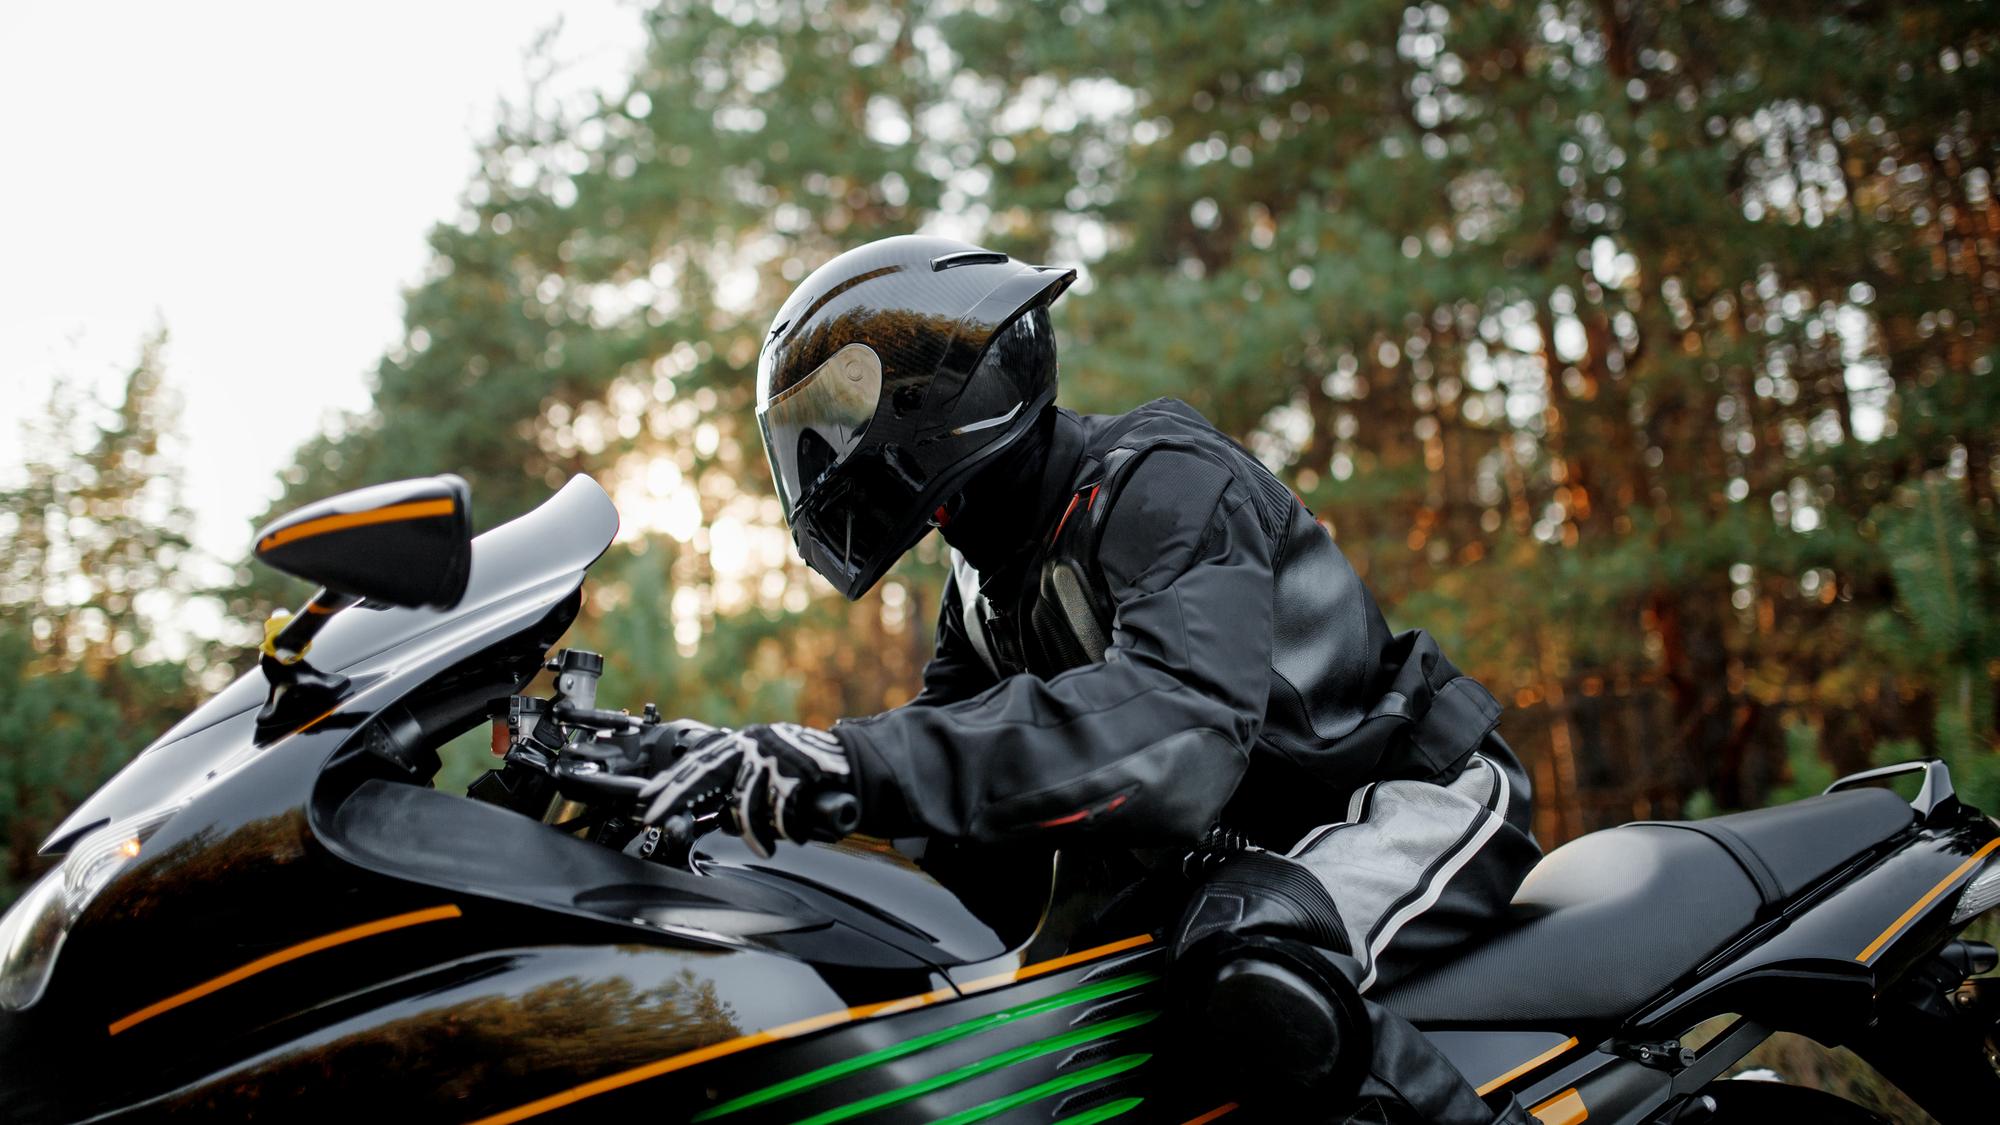 Motorkář na motorce s helmou a kvalitní bundou